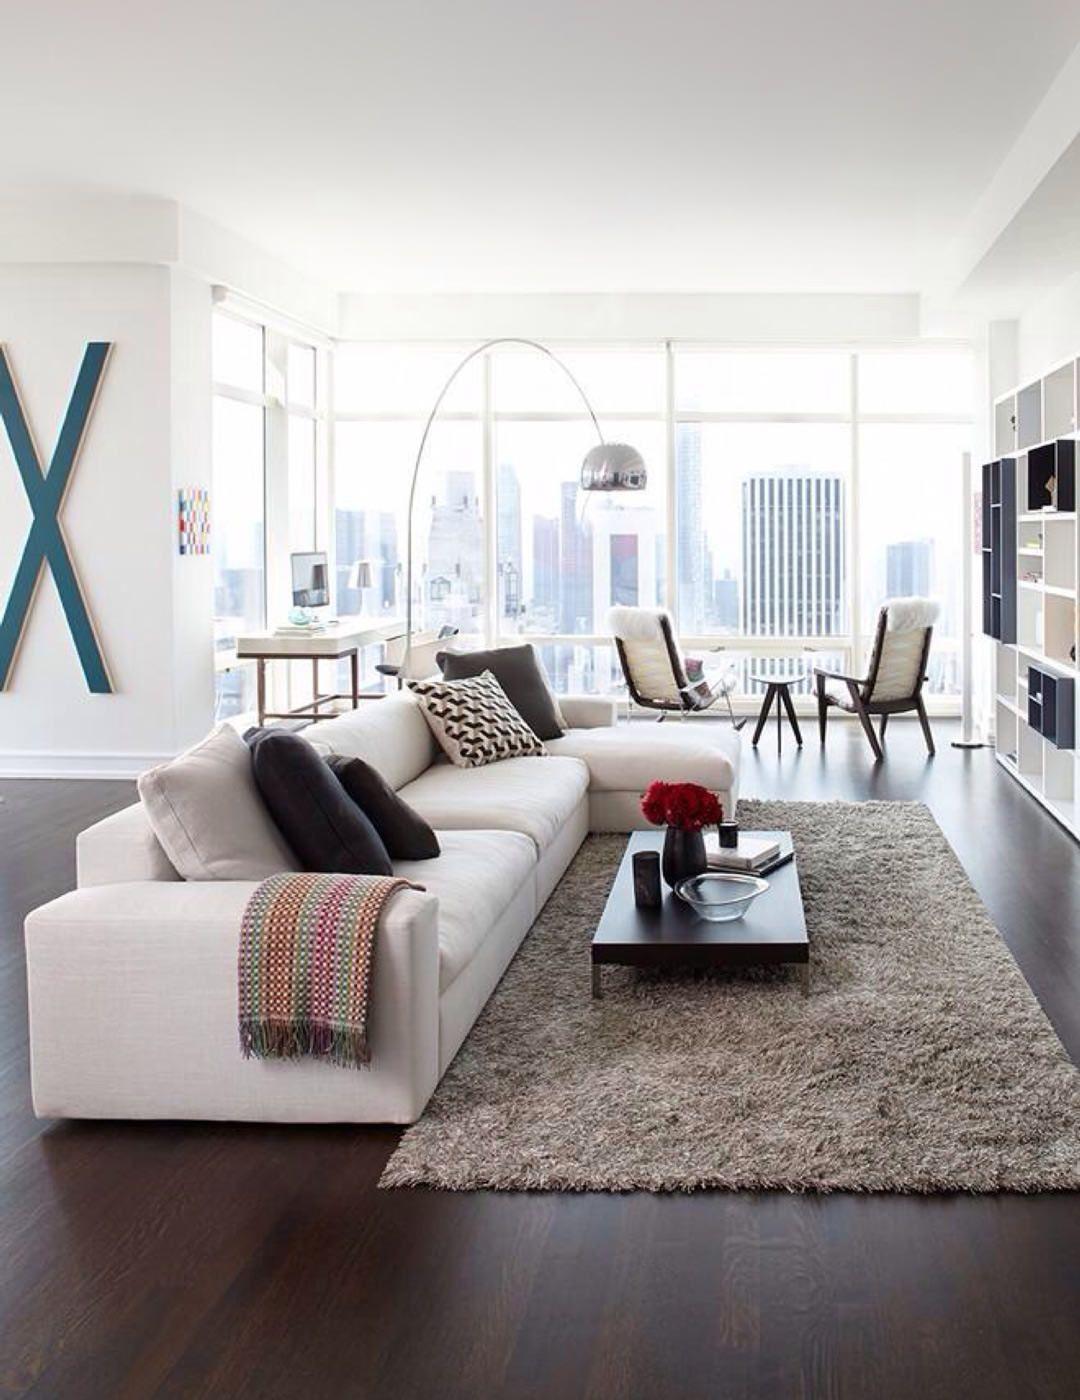 Soggiorni moderni • 100 idee e stile per il soggiorno ideale | Case ...